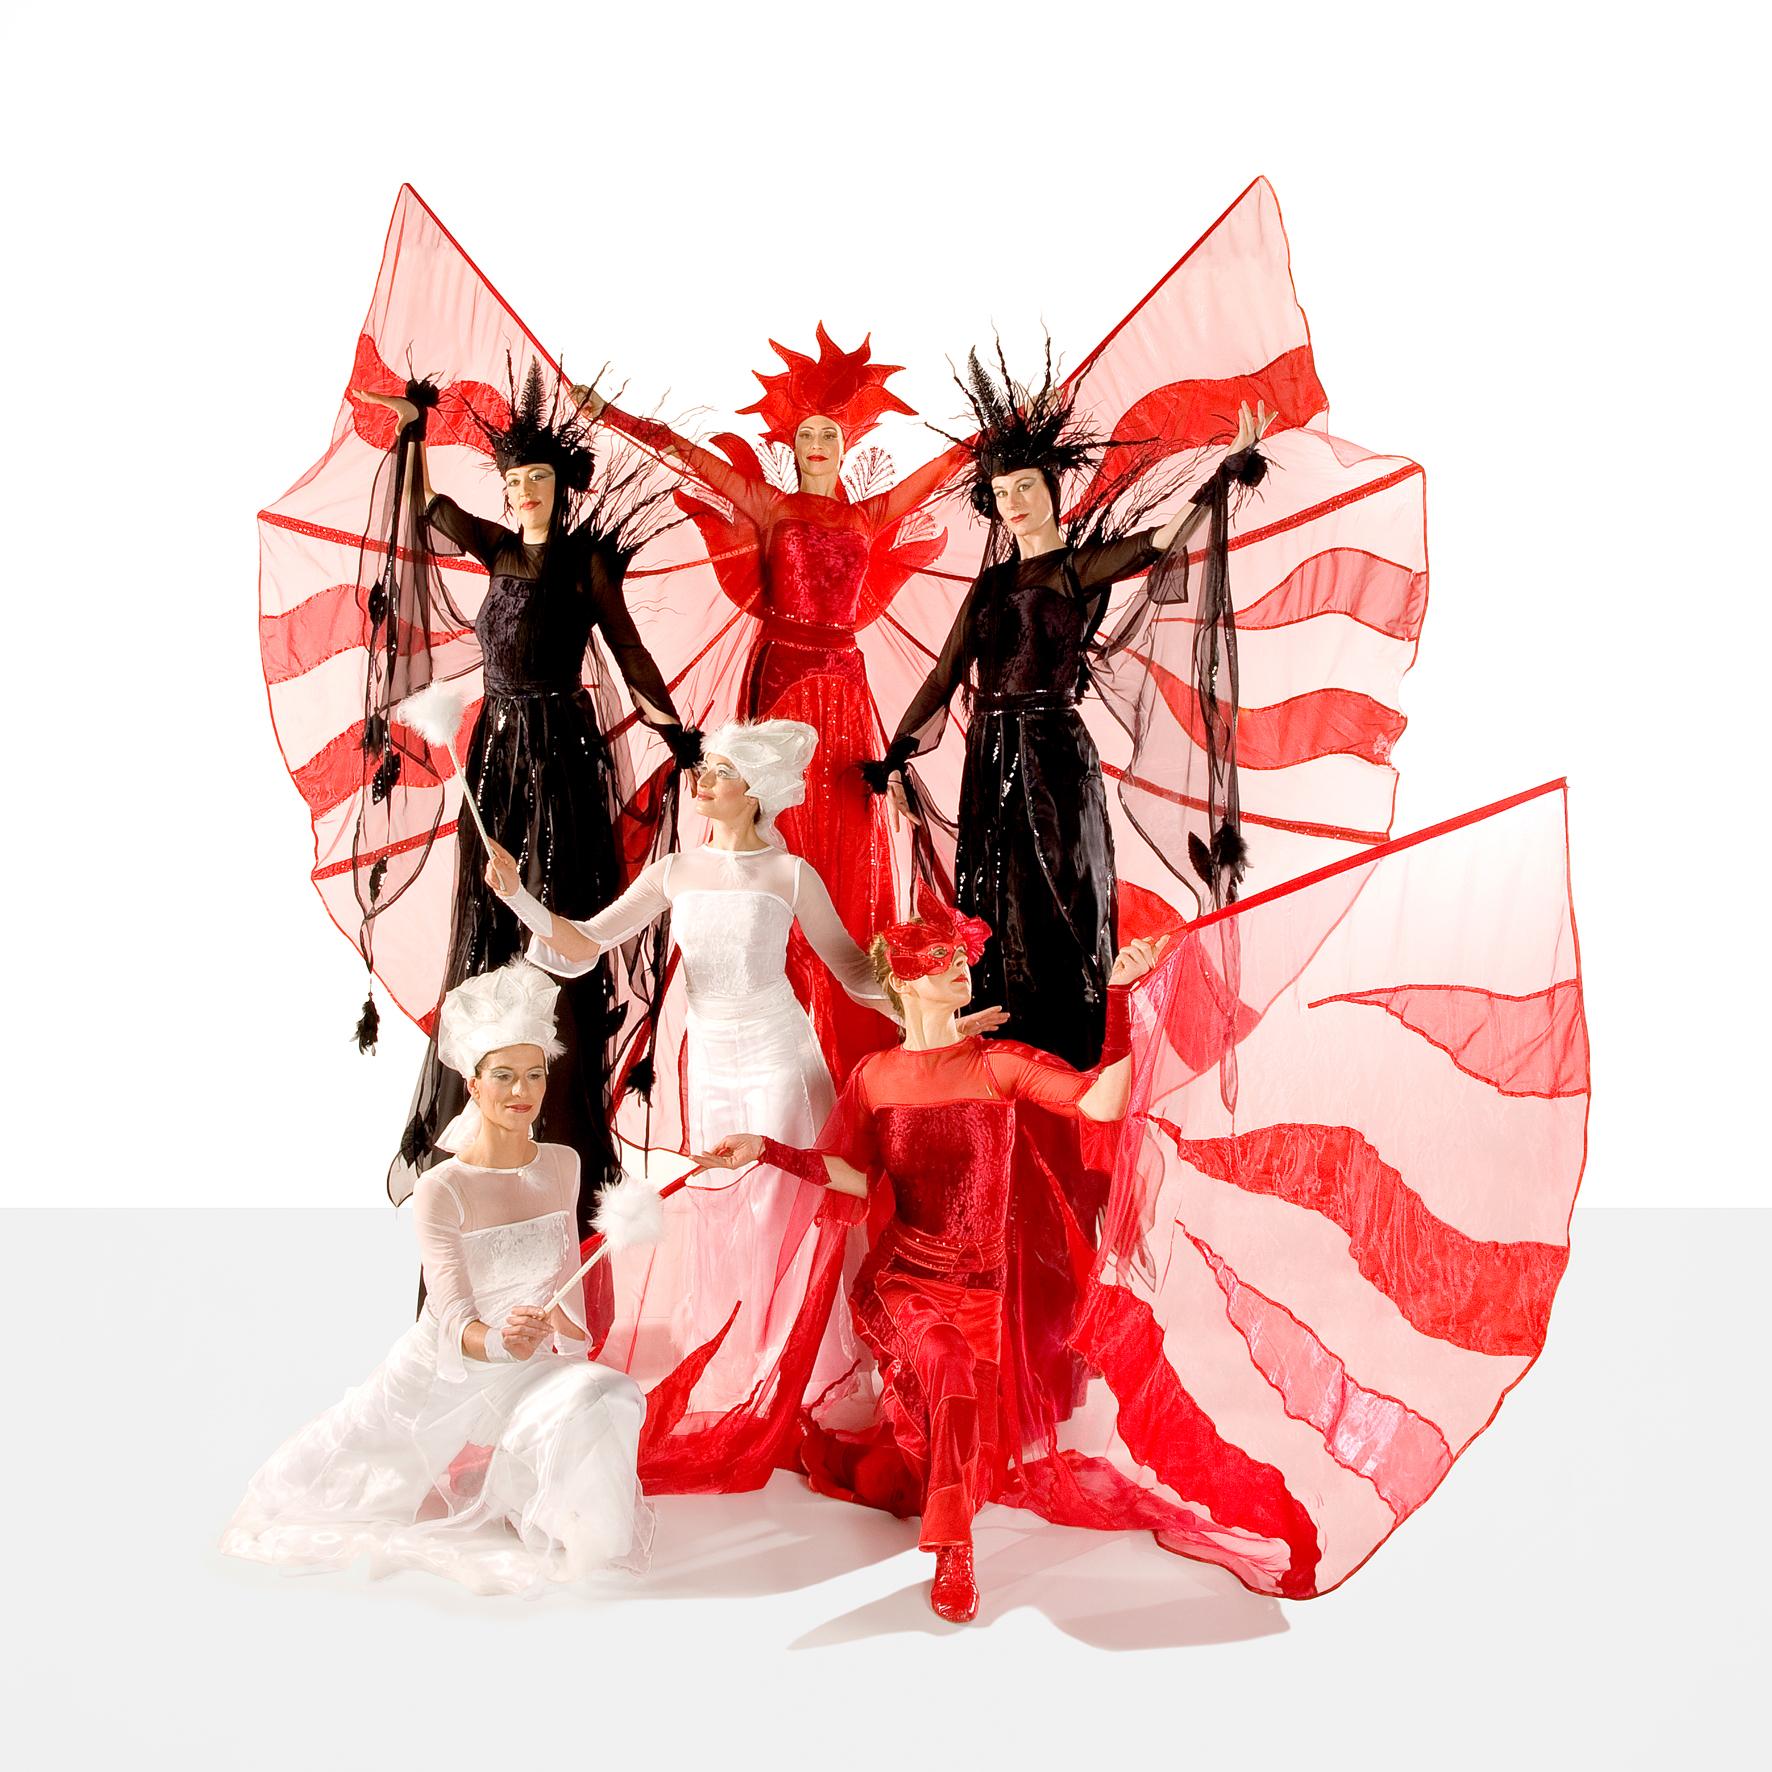 Hofbogen ondernemer: PaSSar Performing Arts, rwol radiant wings of light